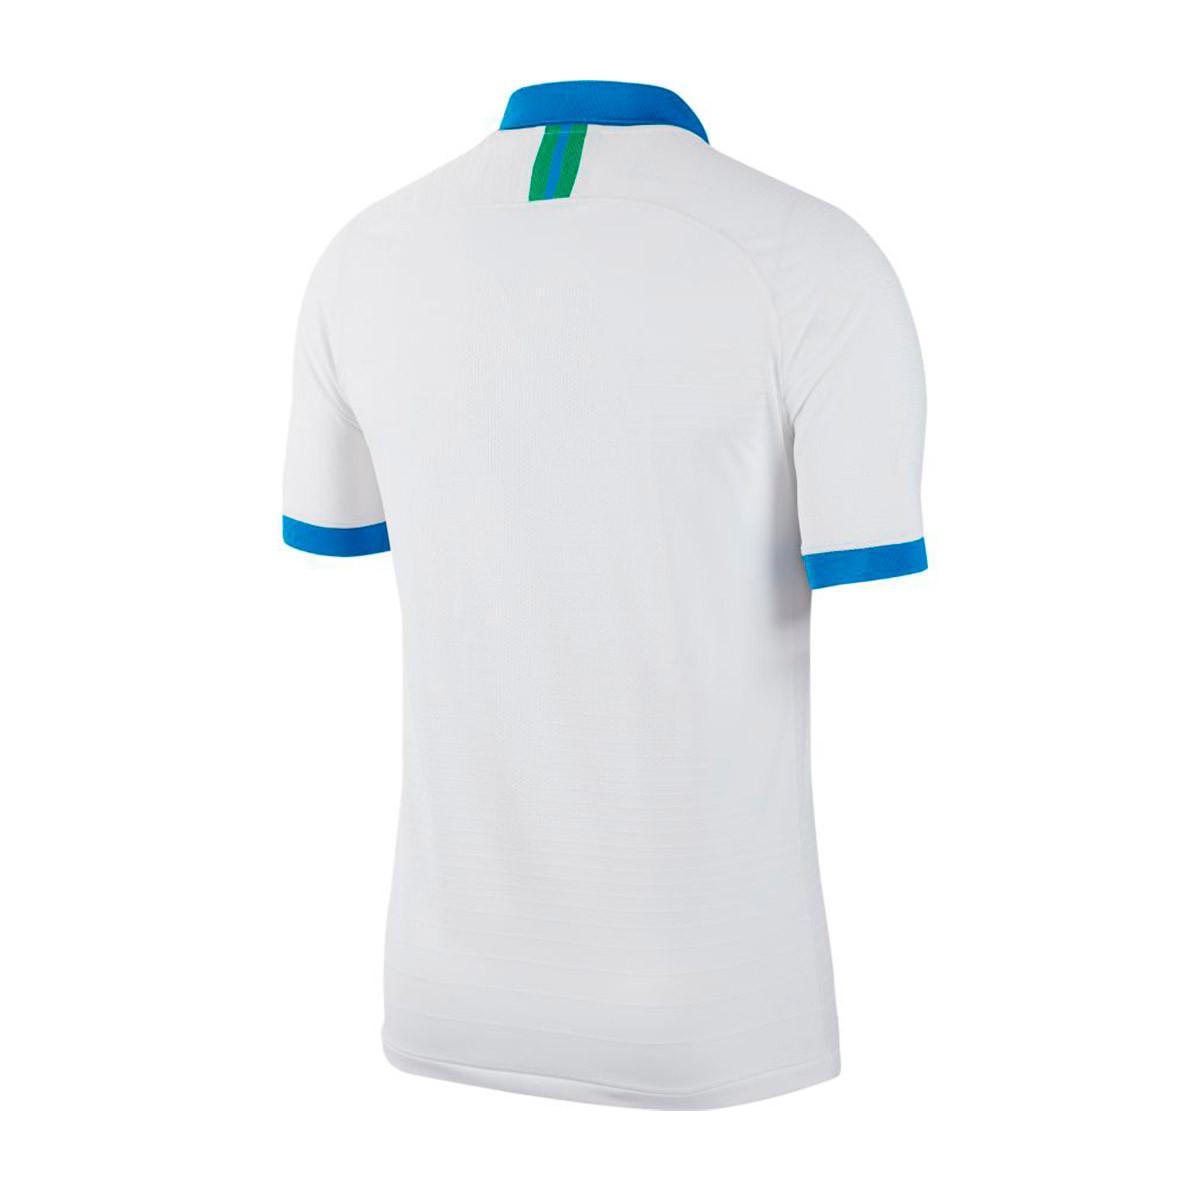 premium selection b7f62 0051f Camiseta Brasil Vapor Match Segunda Equipación Copa America 2018-2019  White-Soar